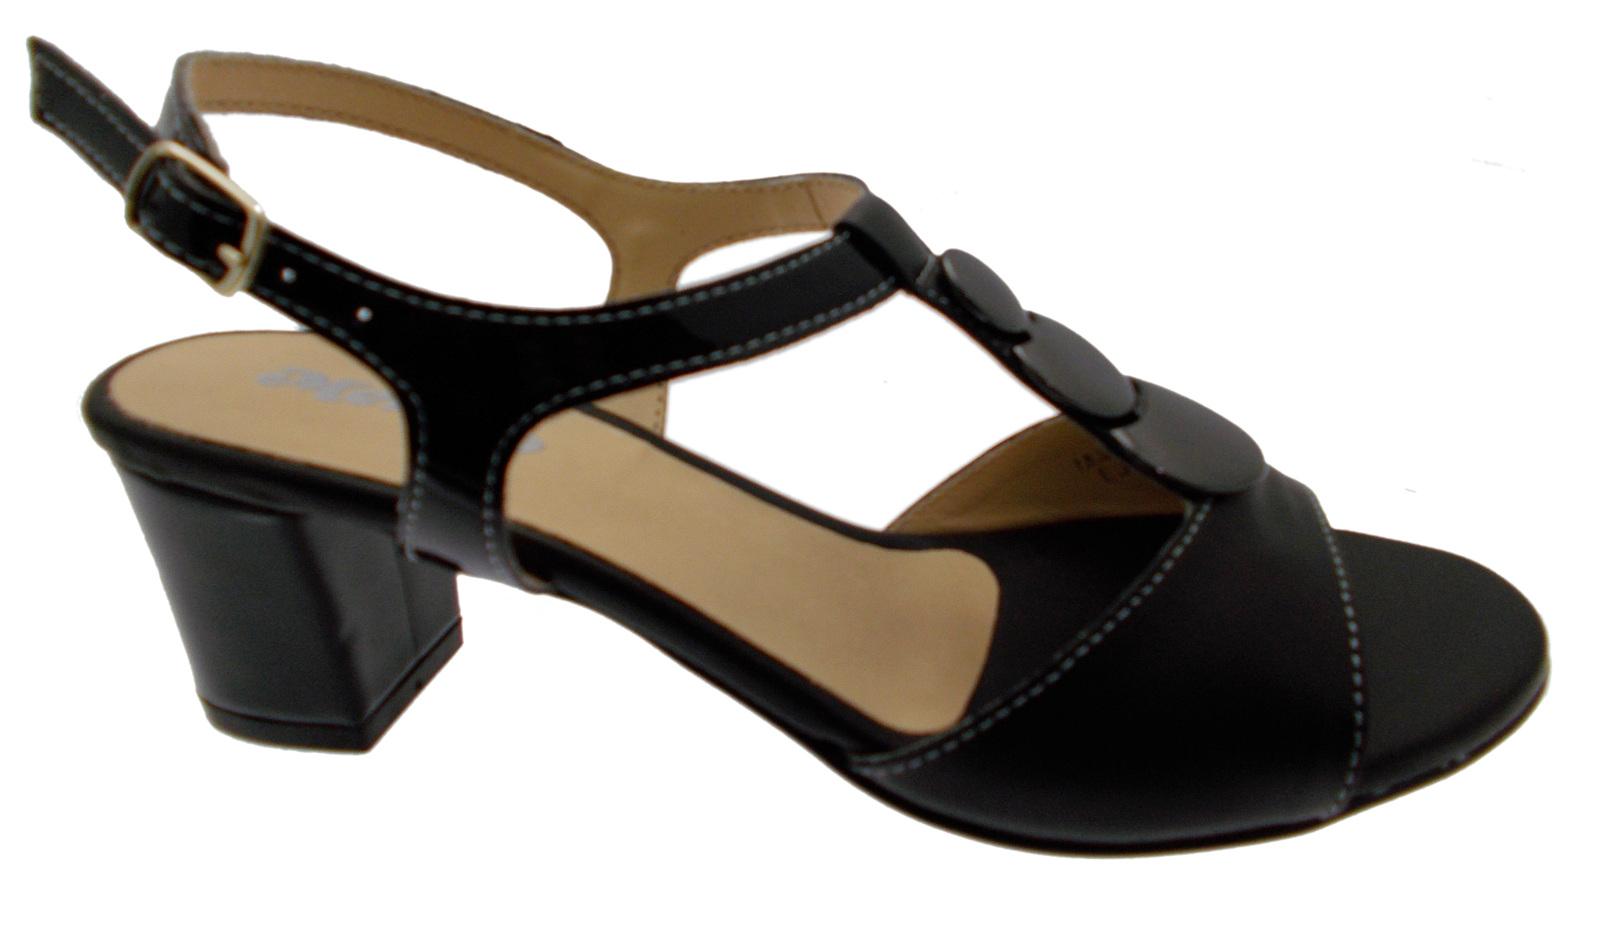 Sandalskvinna öppnade öppnade öppnade svart skinnmyntkonst K95328P Melloso  försäljning online rabatt